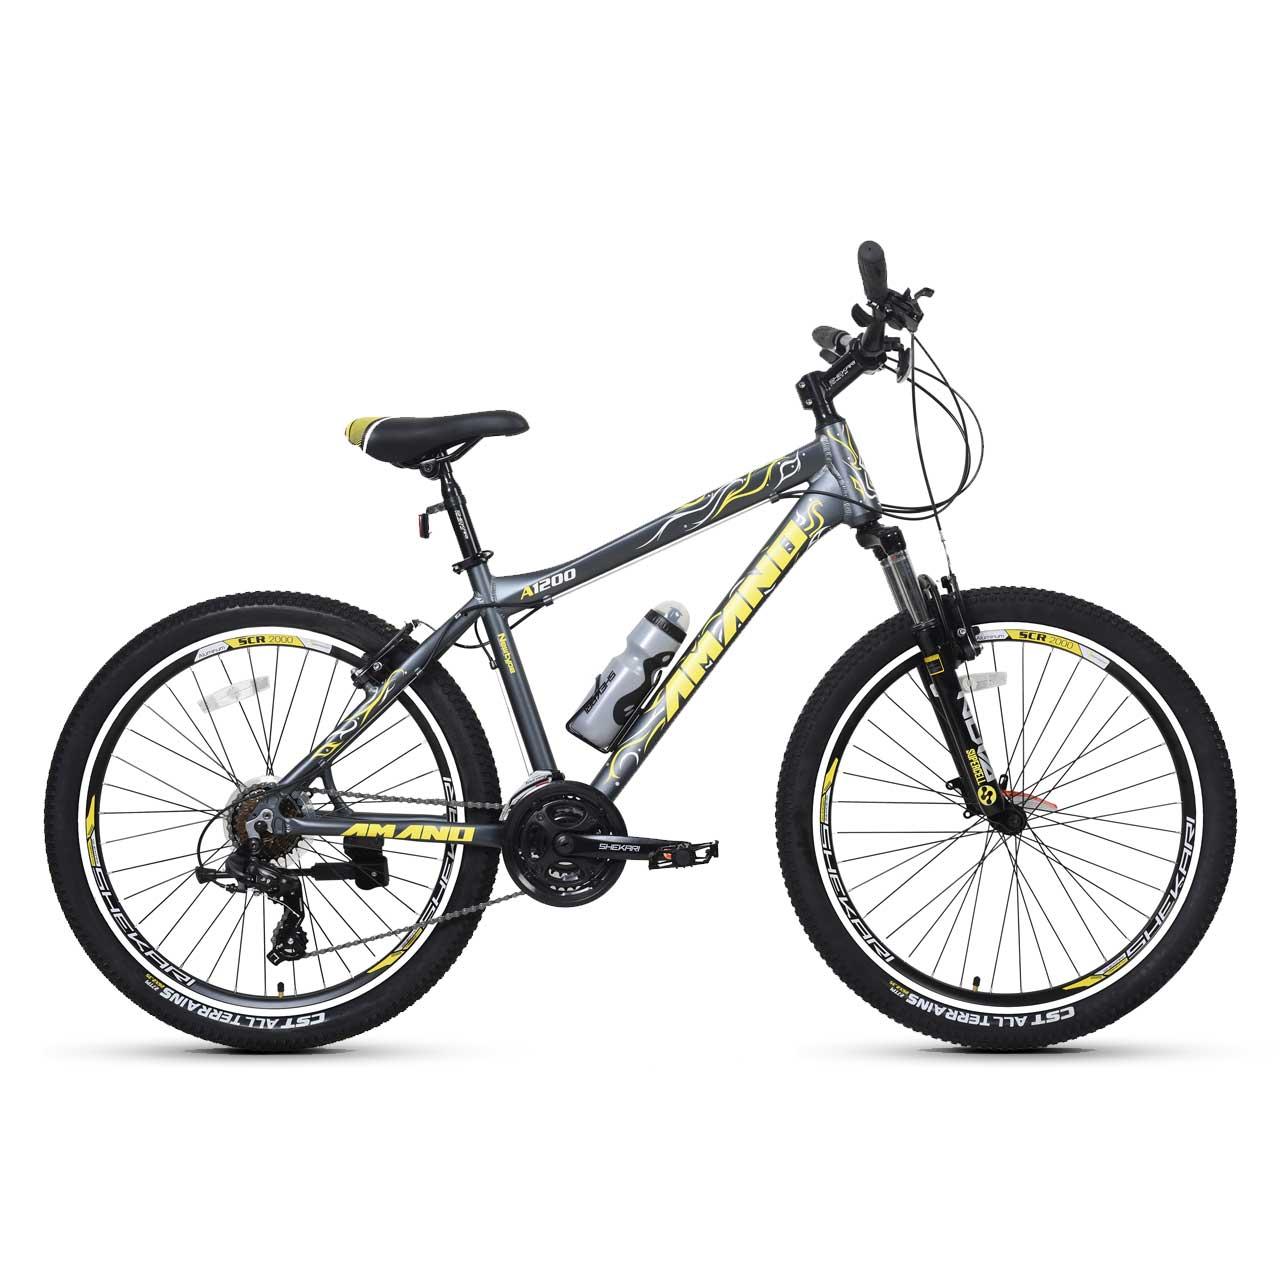 دوچرخه کوهستان آمانو مدل A1200 سایز ۲۶